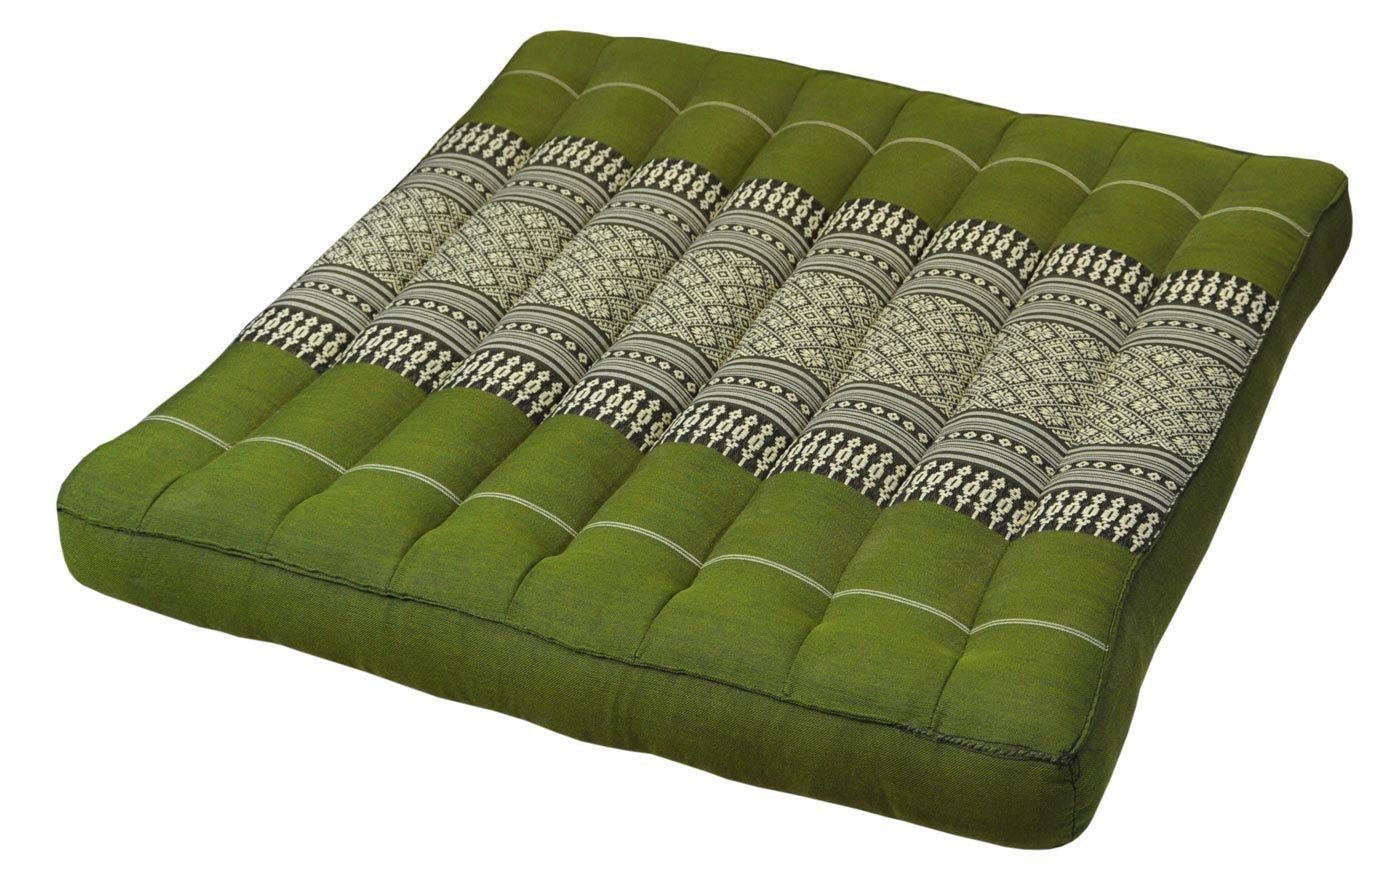 sitzkissen gross gr n. Black Bedroom Furniture Sets. Home Design Ideas